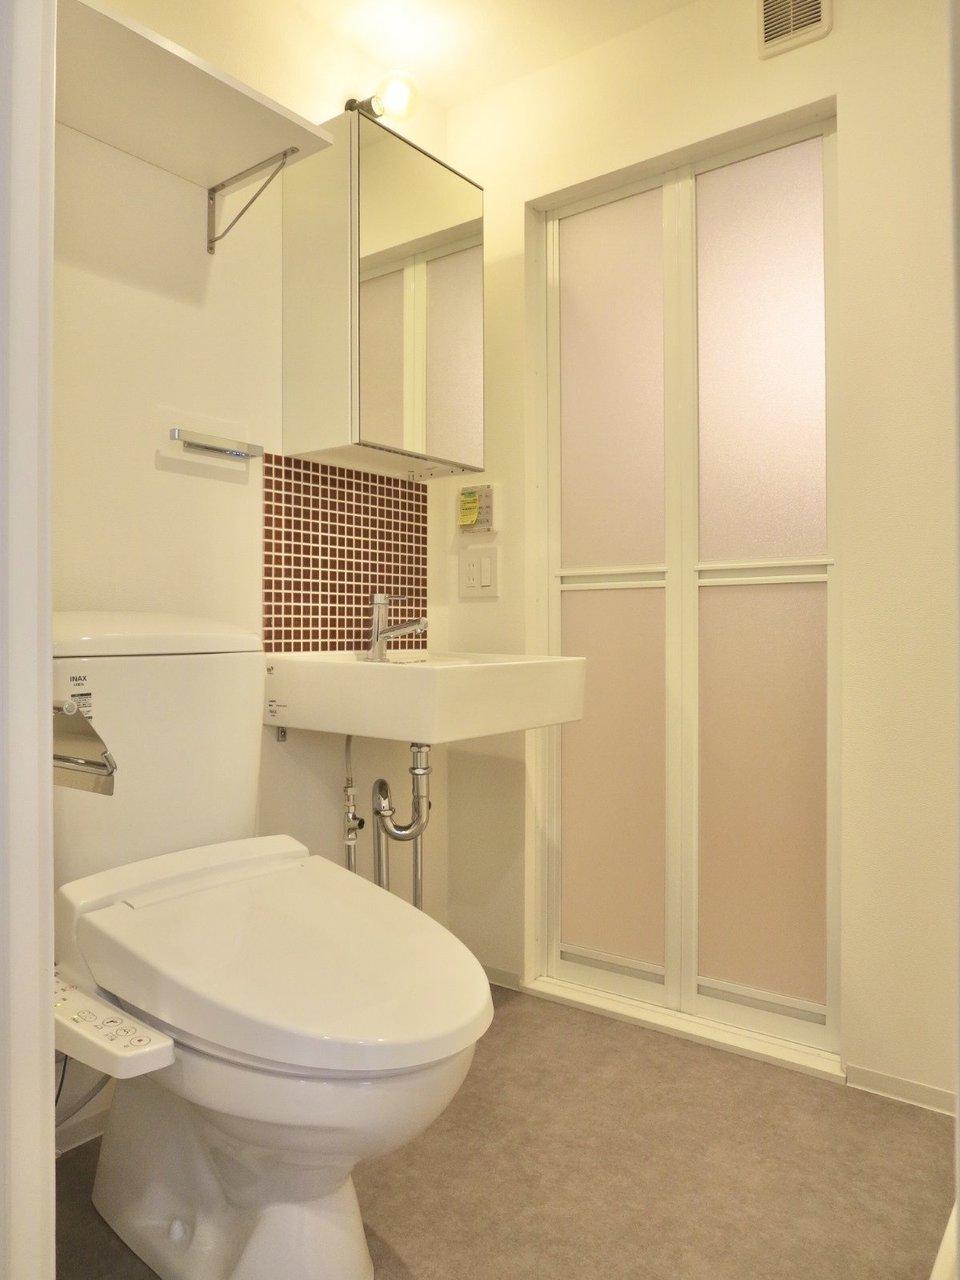 水回りはコンパクトにまとまっていました。洗面台のところに使われている、えんじ色のタイルも、かわいらしくていいですね。